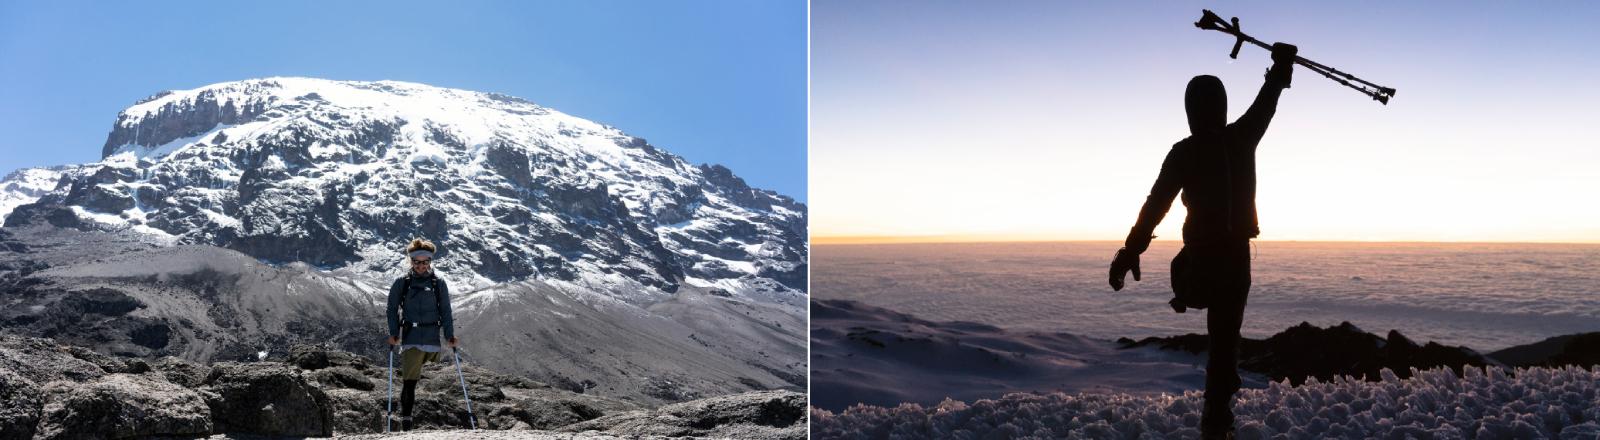 Tom Belz bei der Besteigung des Kilimandscharos